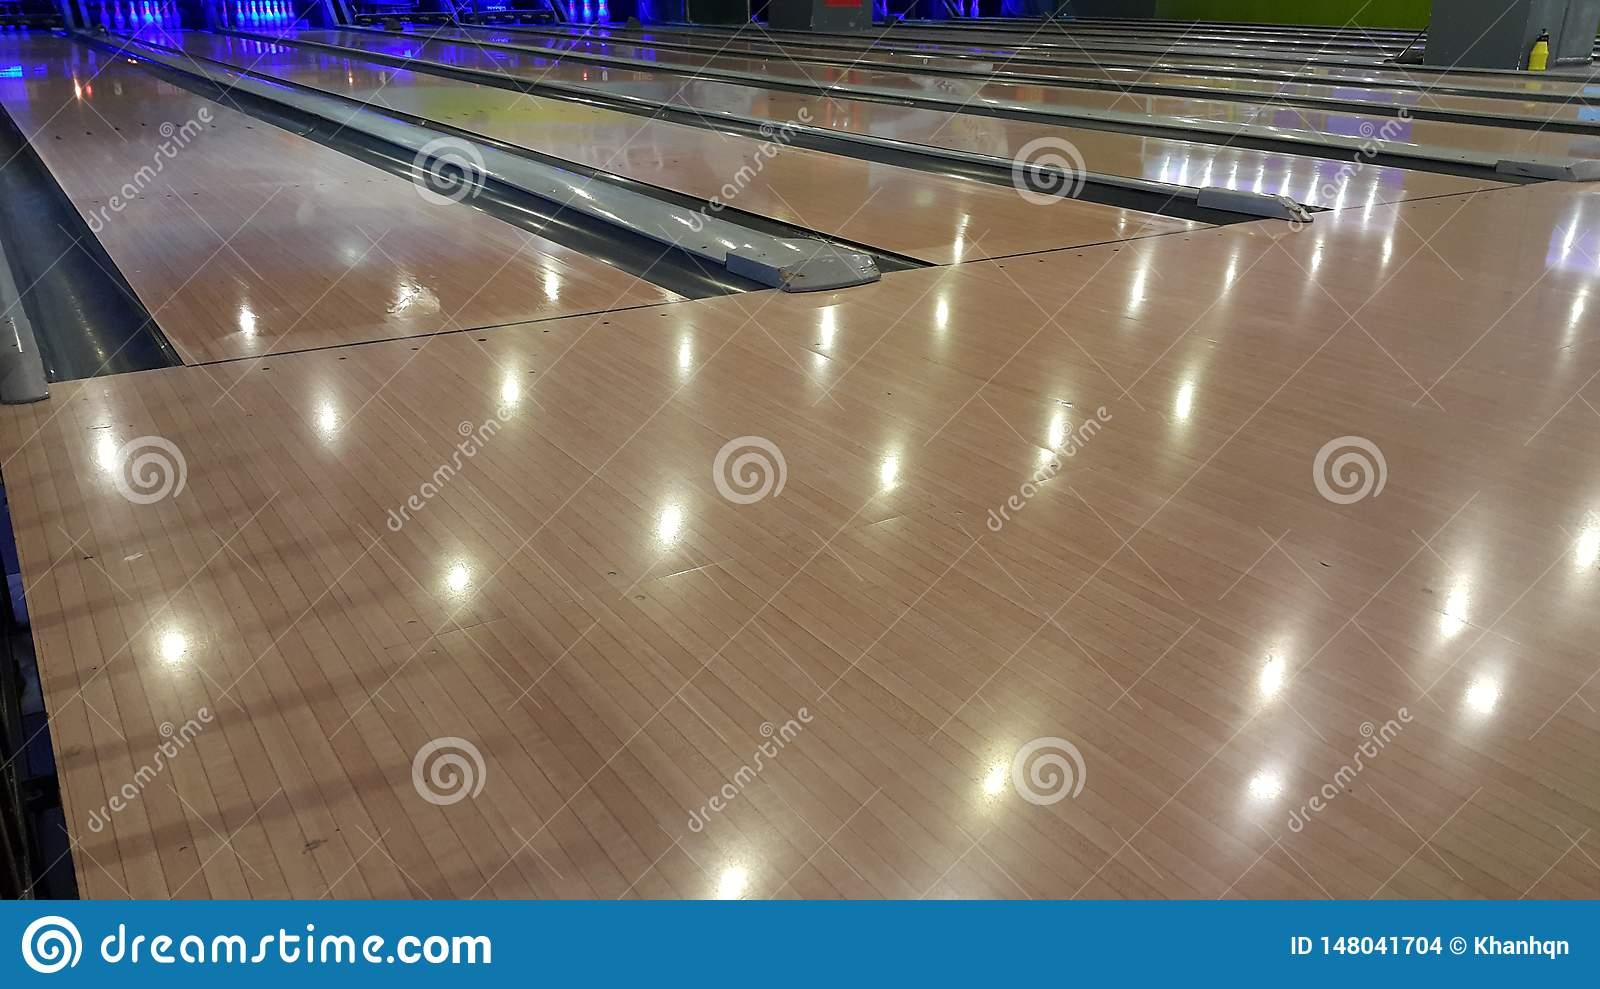 Bowling Au Centre De Jeux Photo Stock. Image Du Gibier serapportantà Jeux De Bouligue